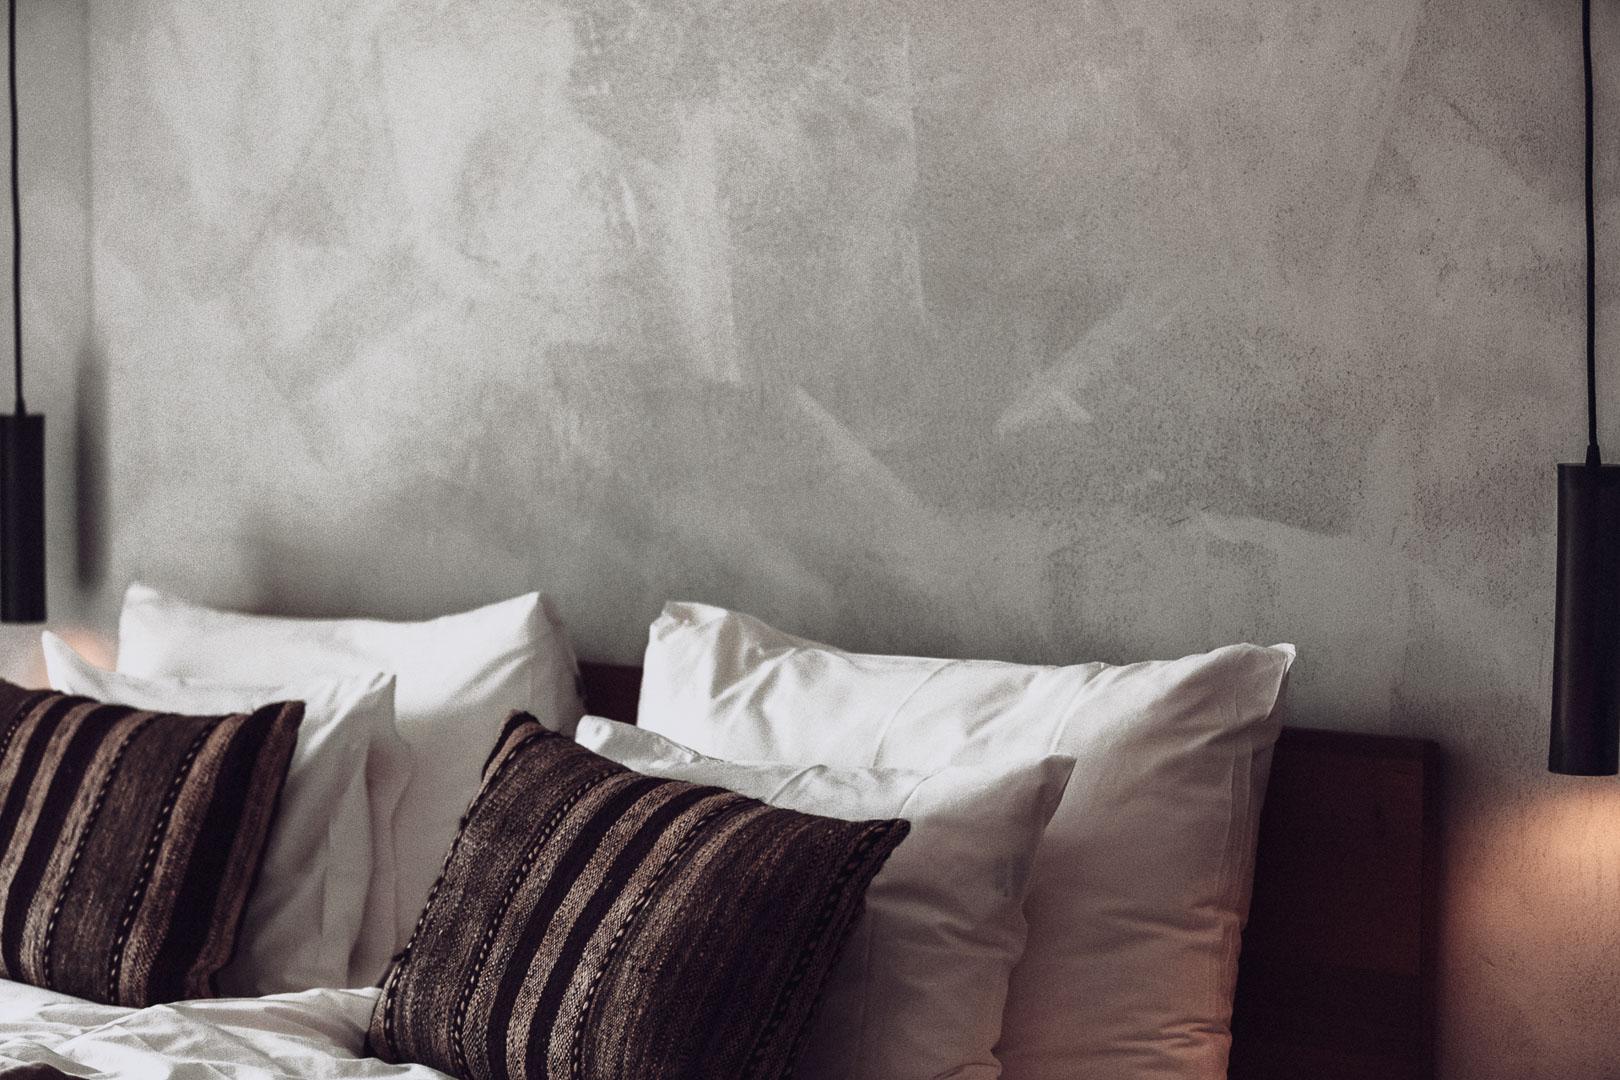 detalle fotografía arquitectura real estate de cabecera cama en el dormitorio del hotel casa cook Ibiza